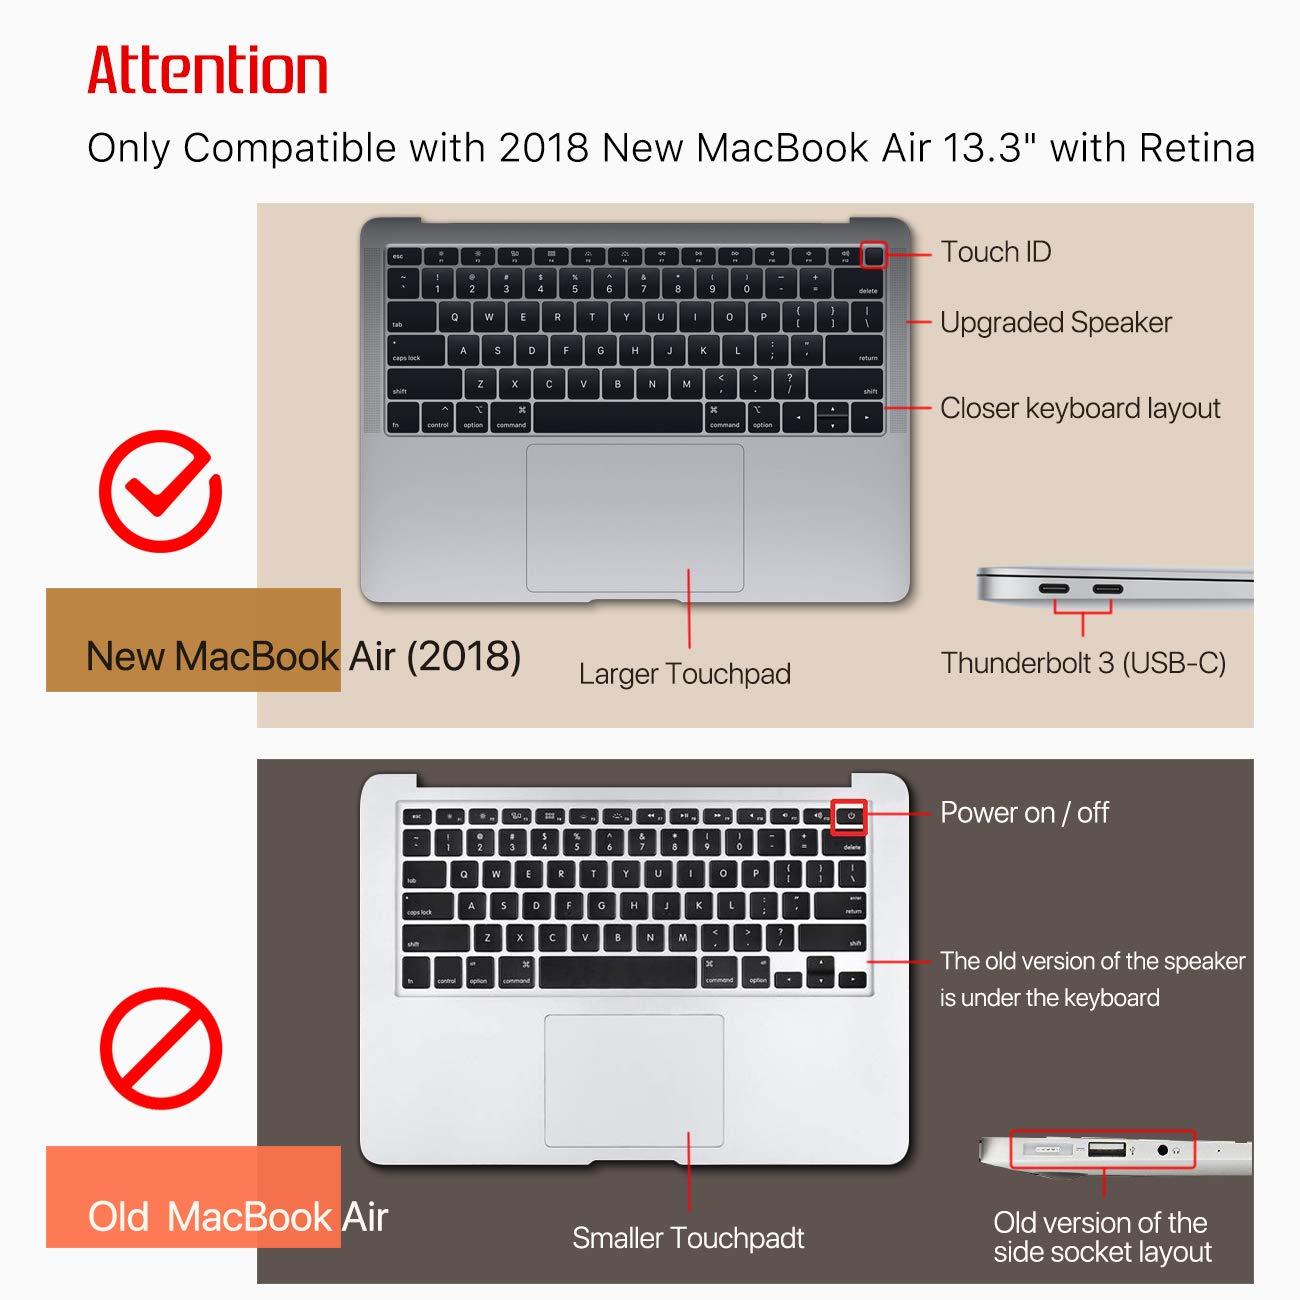 SLEO Funda para 2018 MacBook Air 13 Inch A1932 S/úper Delgada Carcasa Anti-Rasgu/ños Protectora de Pl/ástico Duro para Nuevo MacBook Air 13 Pulgadas Pantalla Retina con Touch ID Claro Transparente